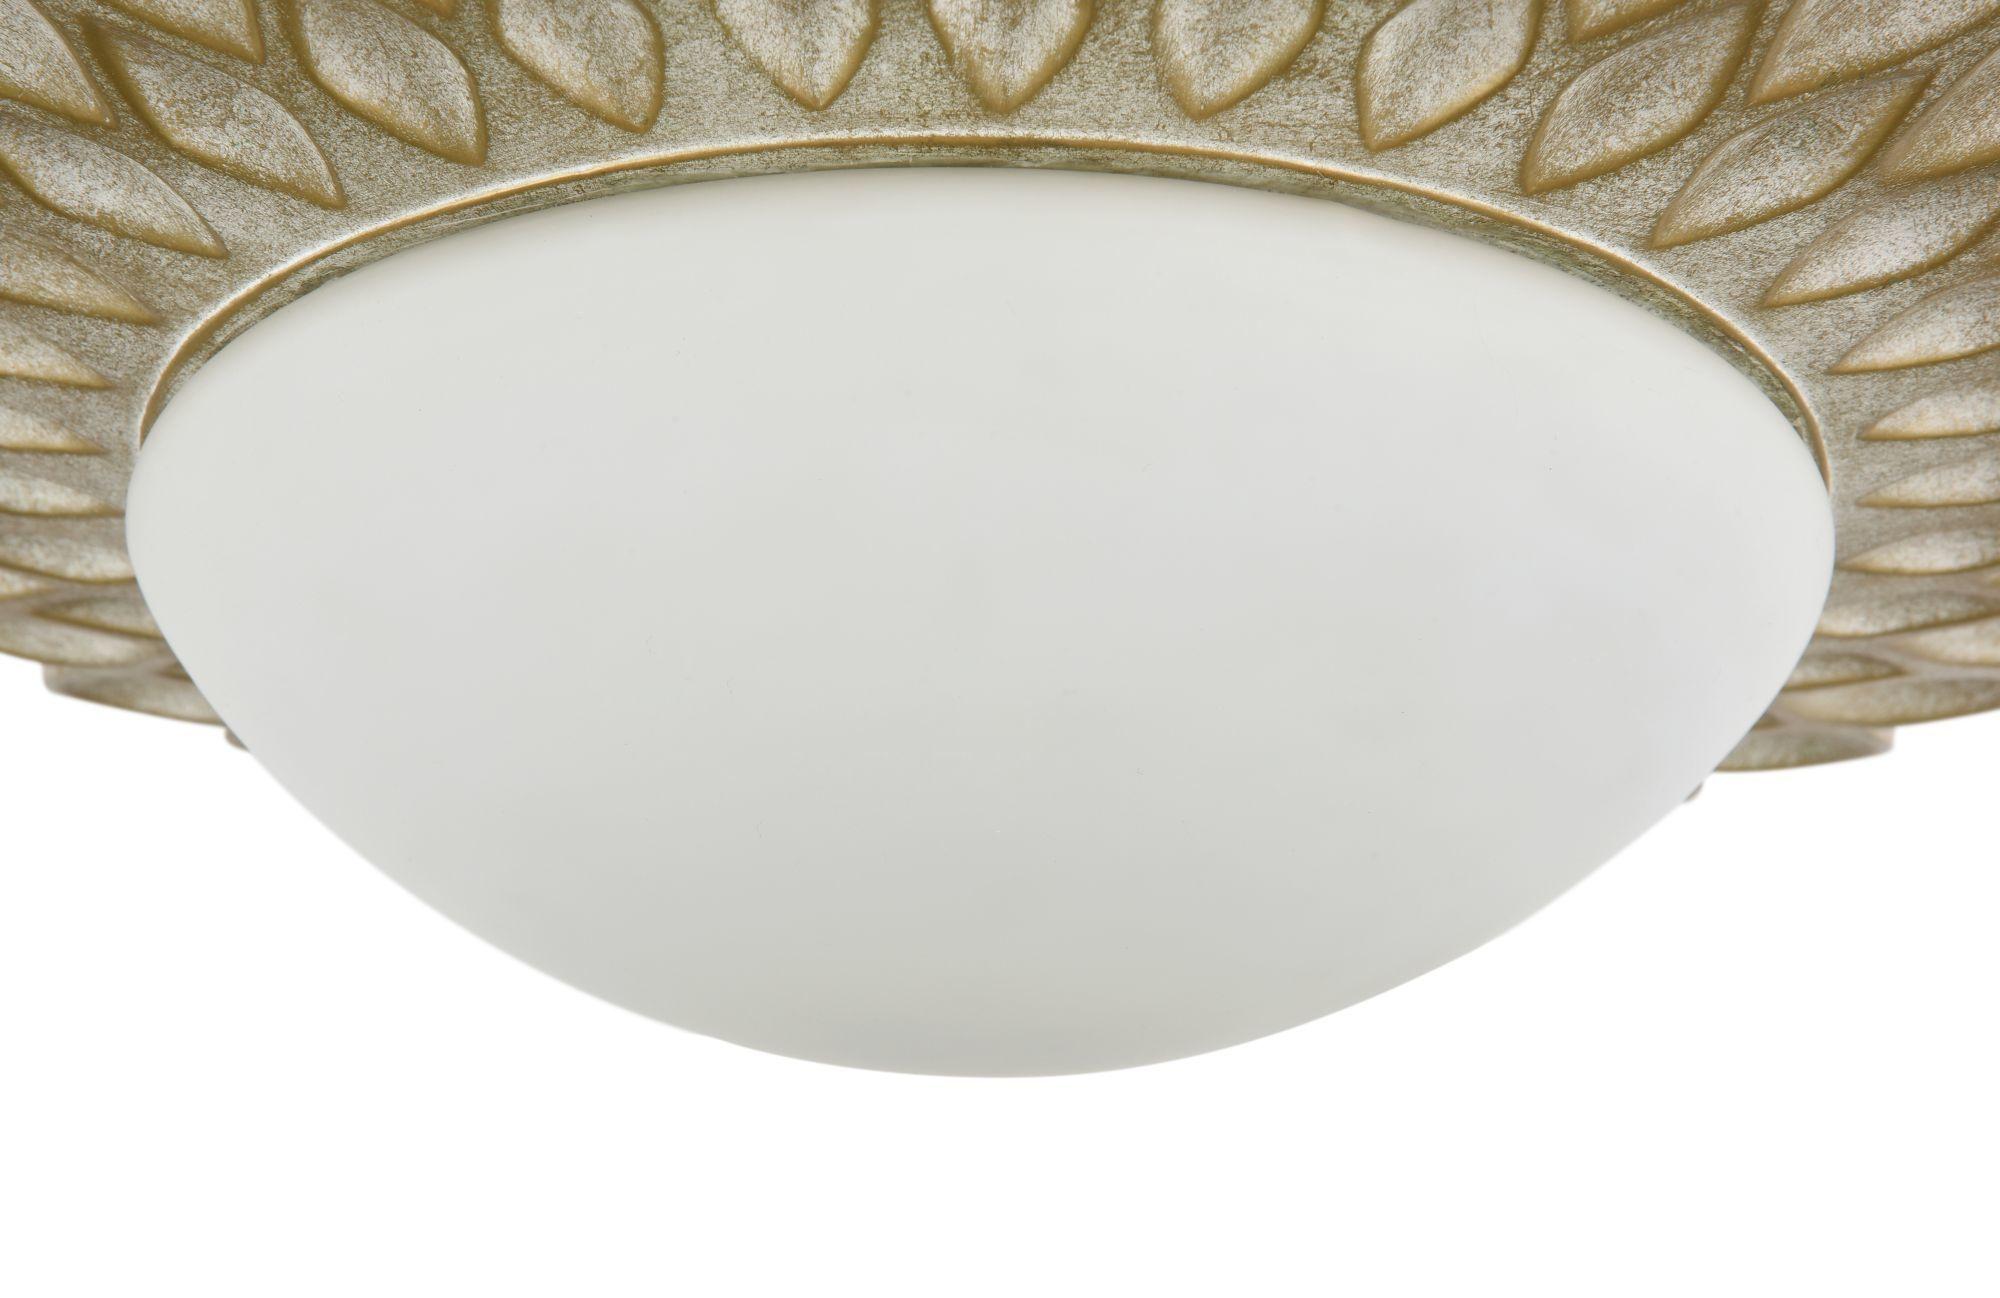 Потолочный светильник Maytoni Lamar H301-03-G, 3xE14x40W, бежевый, белый, металл, стекло - фото 9